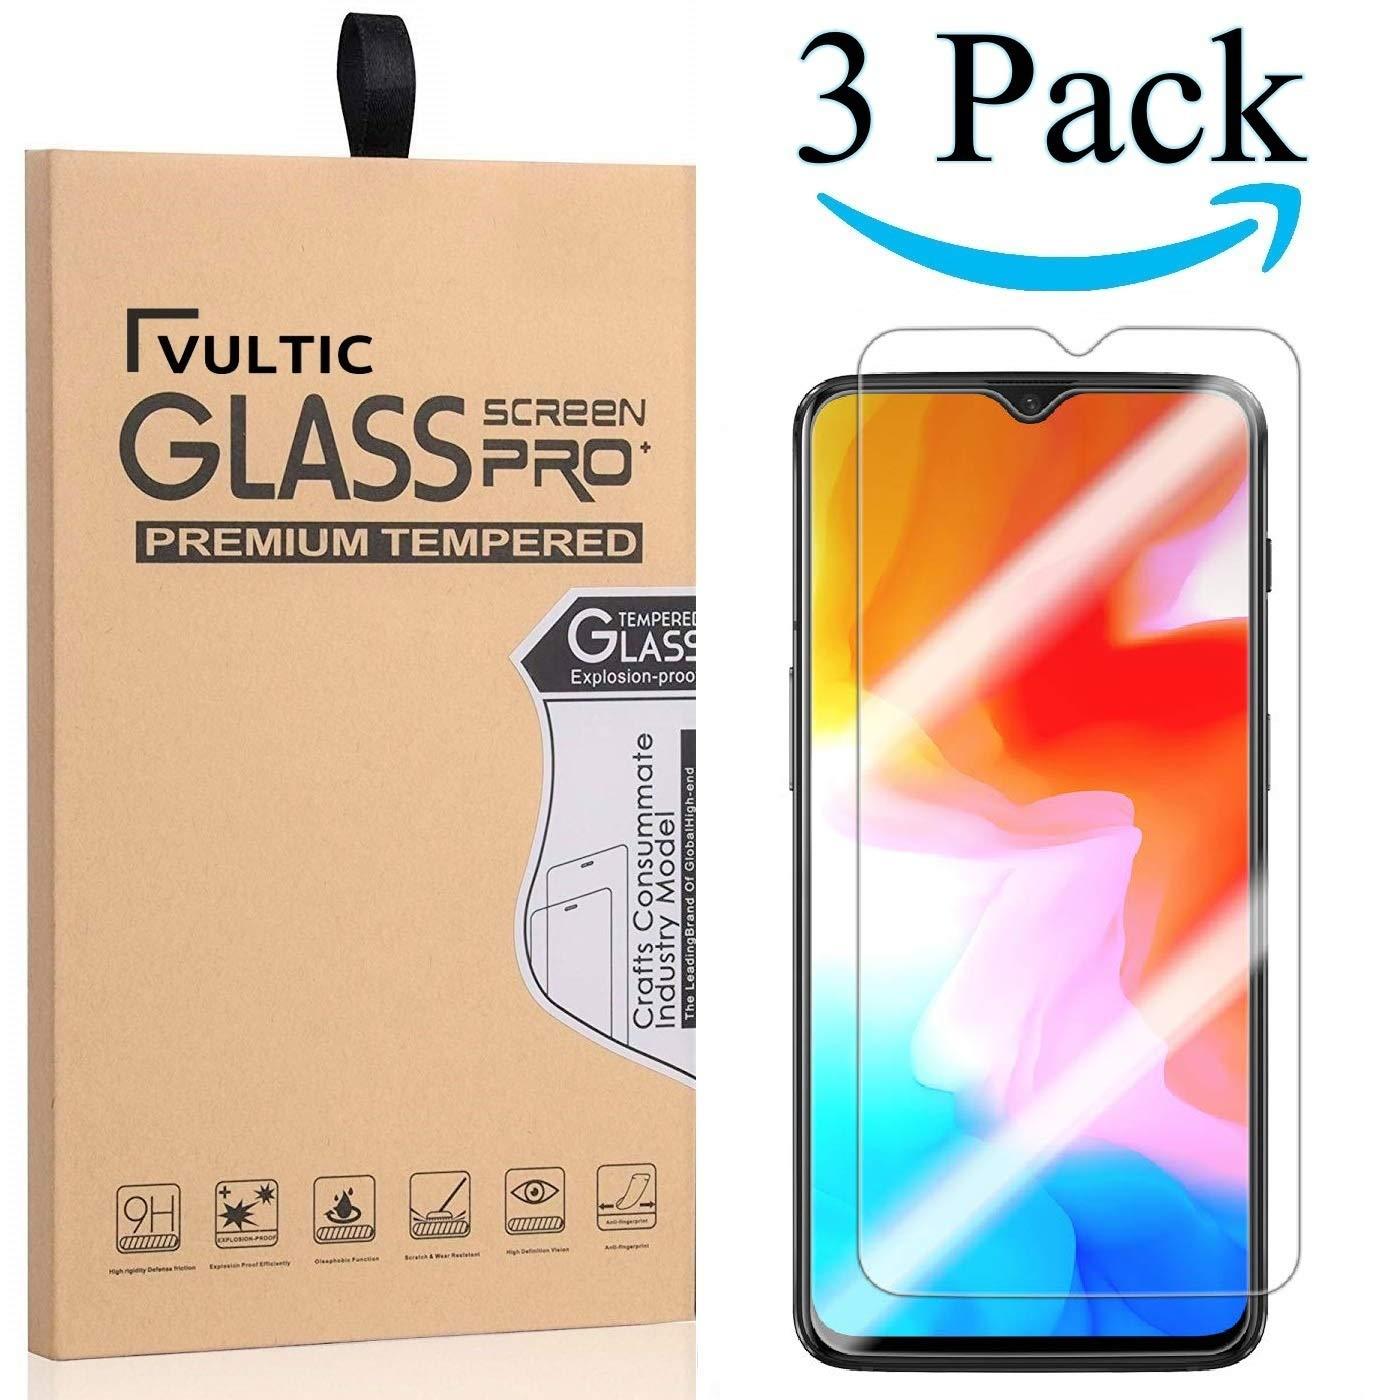 Vultic OnePlus 6Tスクリーンプロテクター強化ガラス[ケースに優しい] OnePlus 6T用フィルムカバー[3パック]   B07NB7WNVB